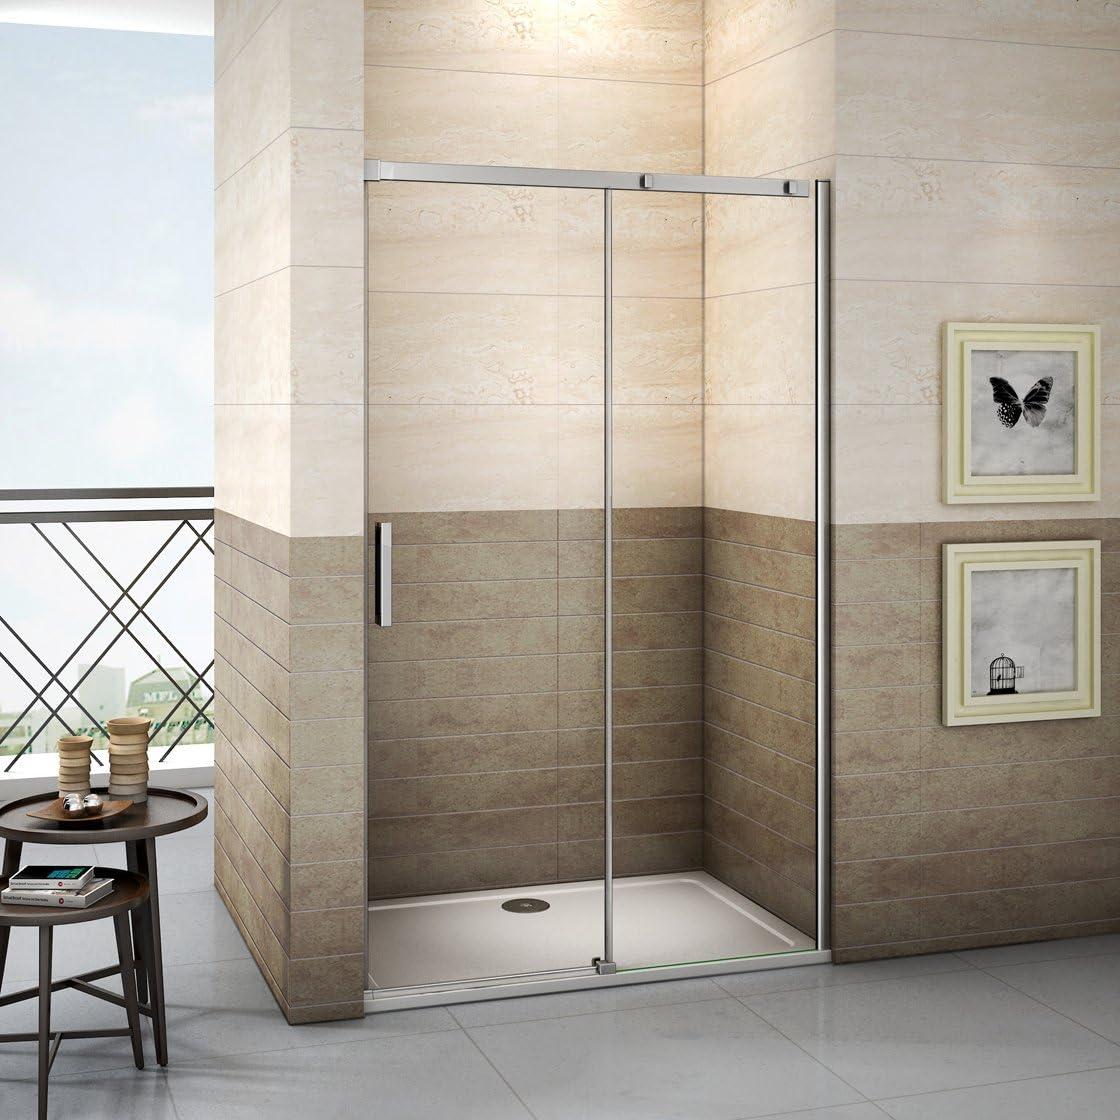 105x195cm Mamparas de ducha puerta de ducha 8mm vidrio templado de Aica